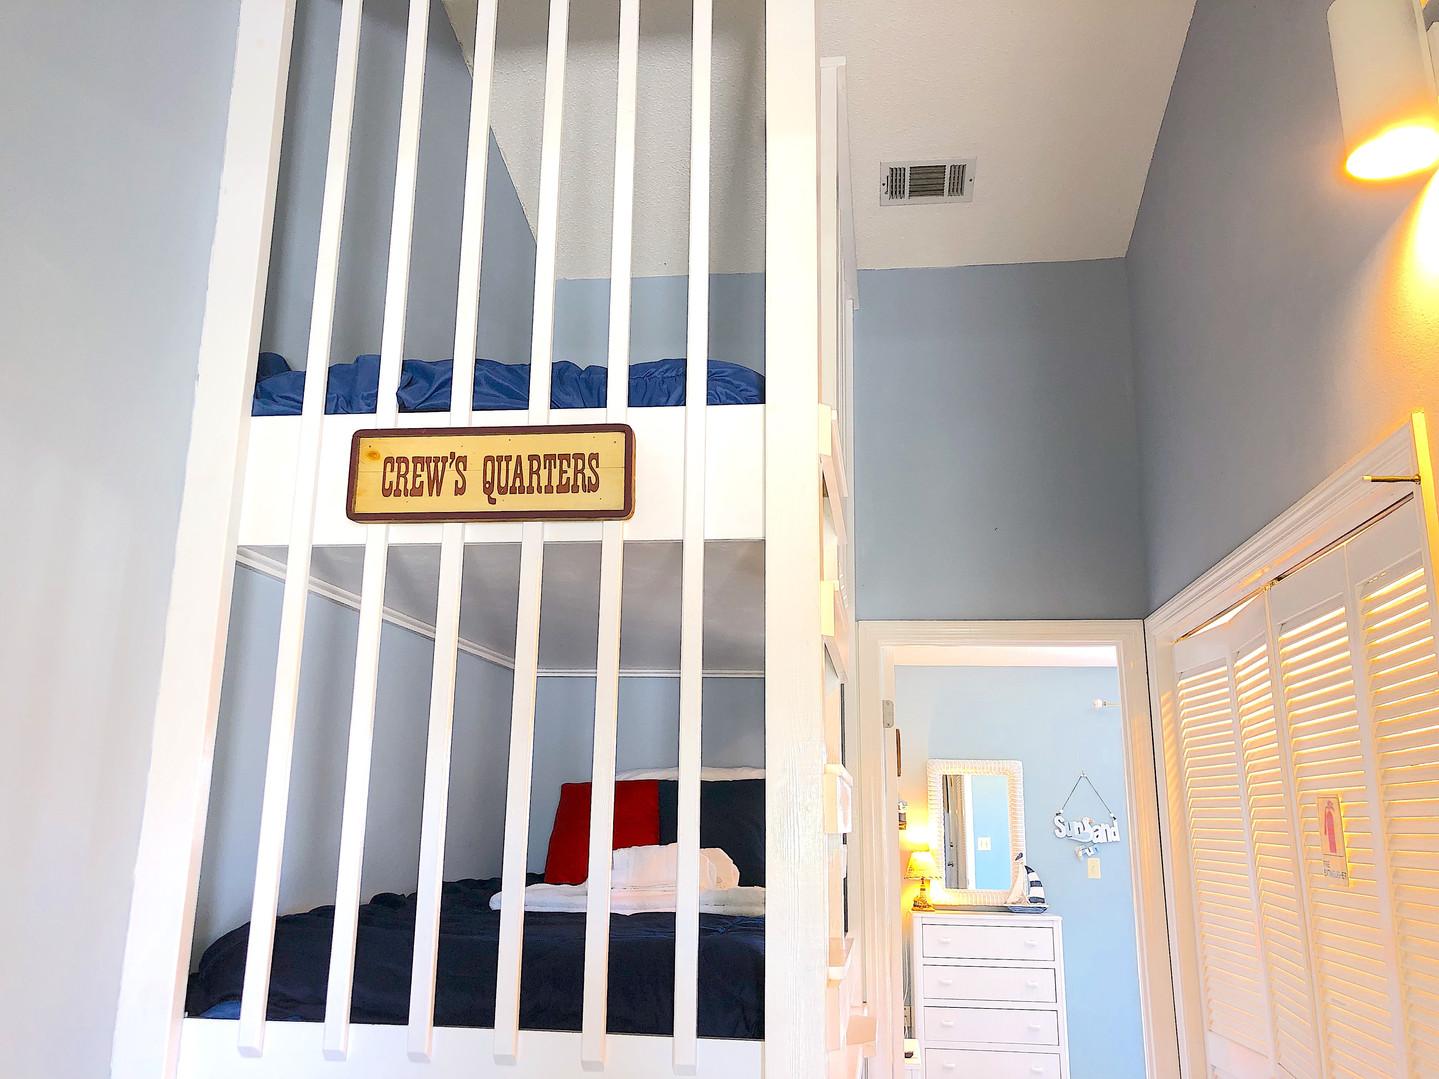 Hallway bunk beds